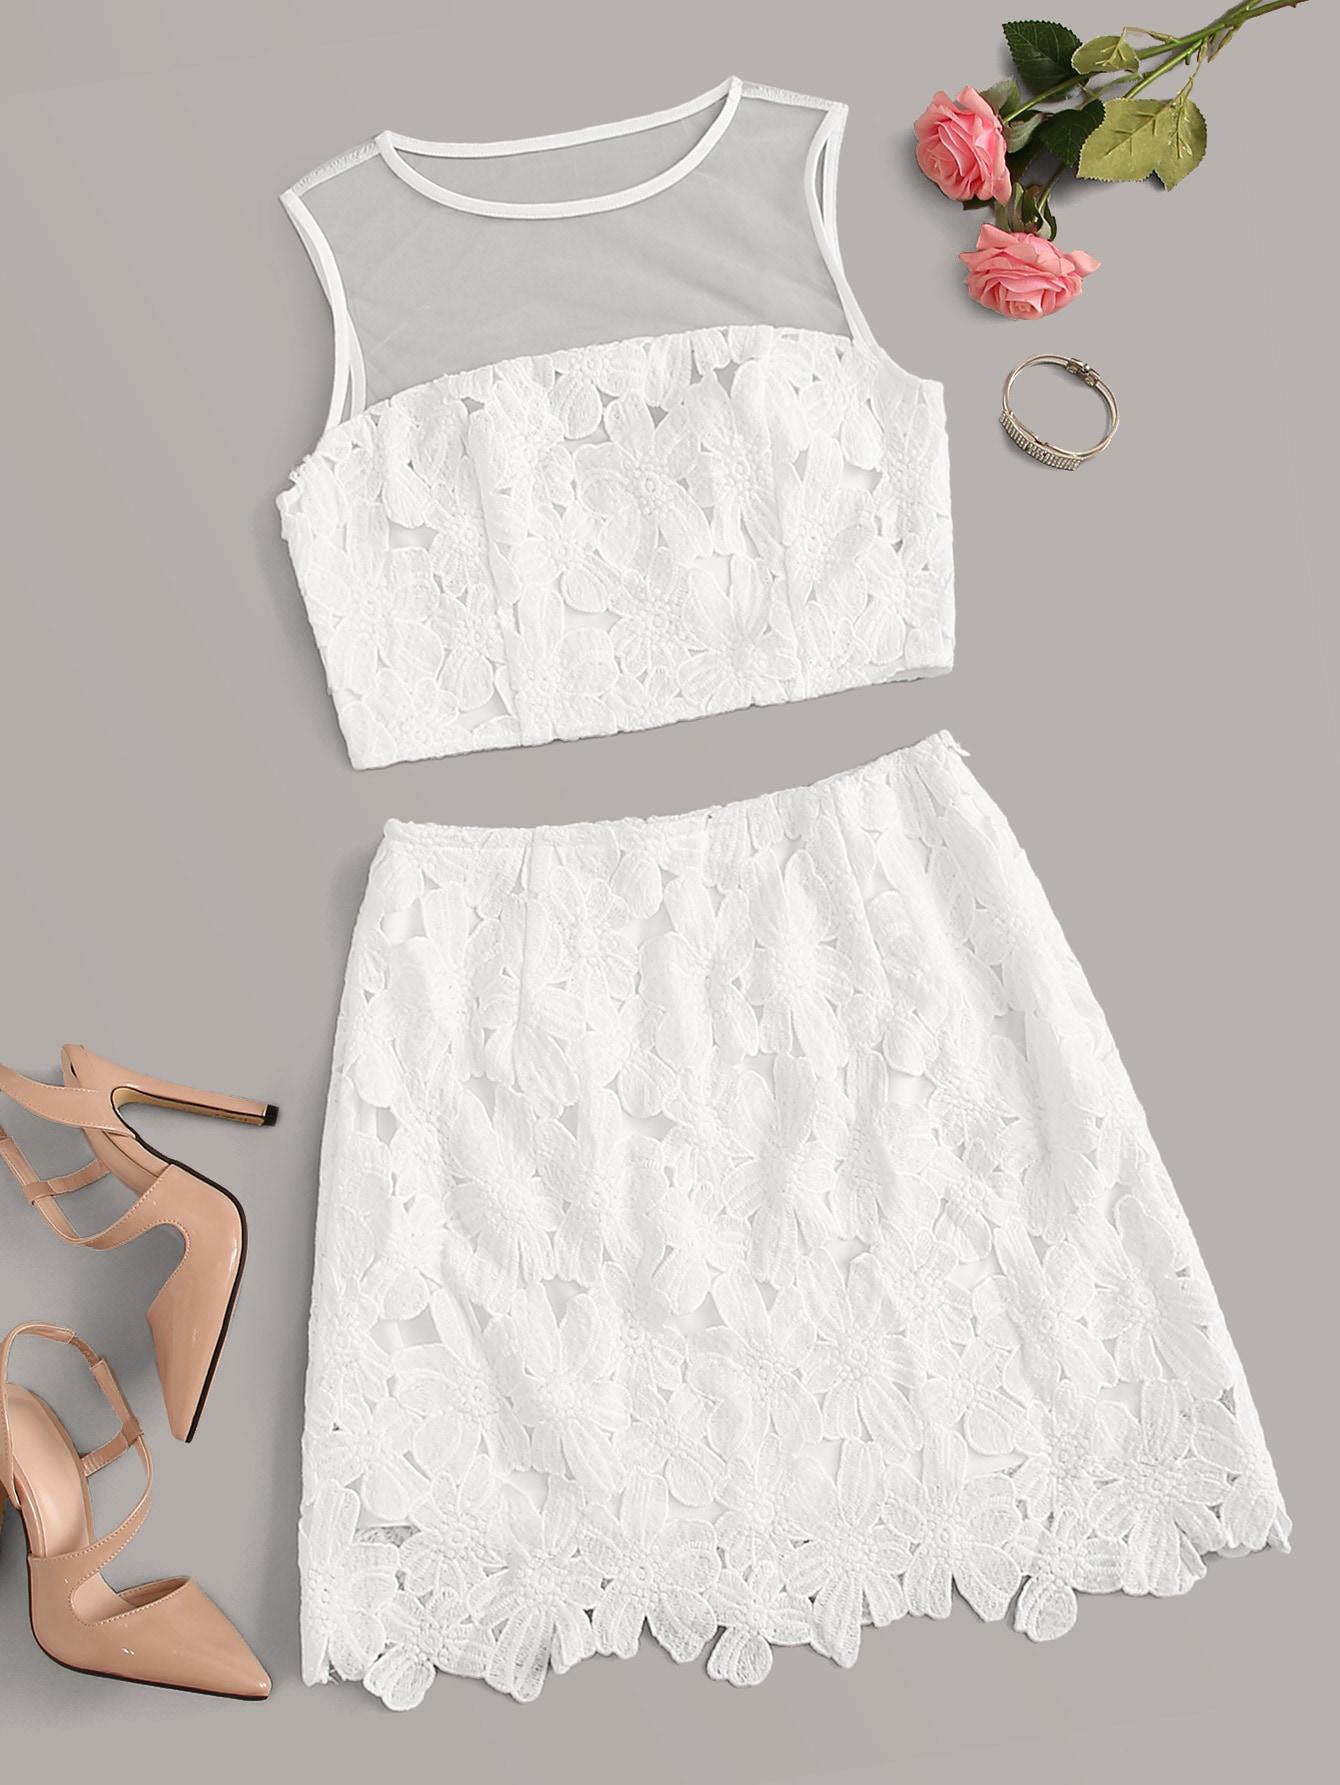 Фото - Кроп топ с кружевной вставкой и юбка от SheIn белого цвета